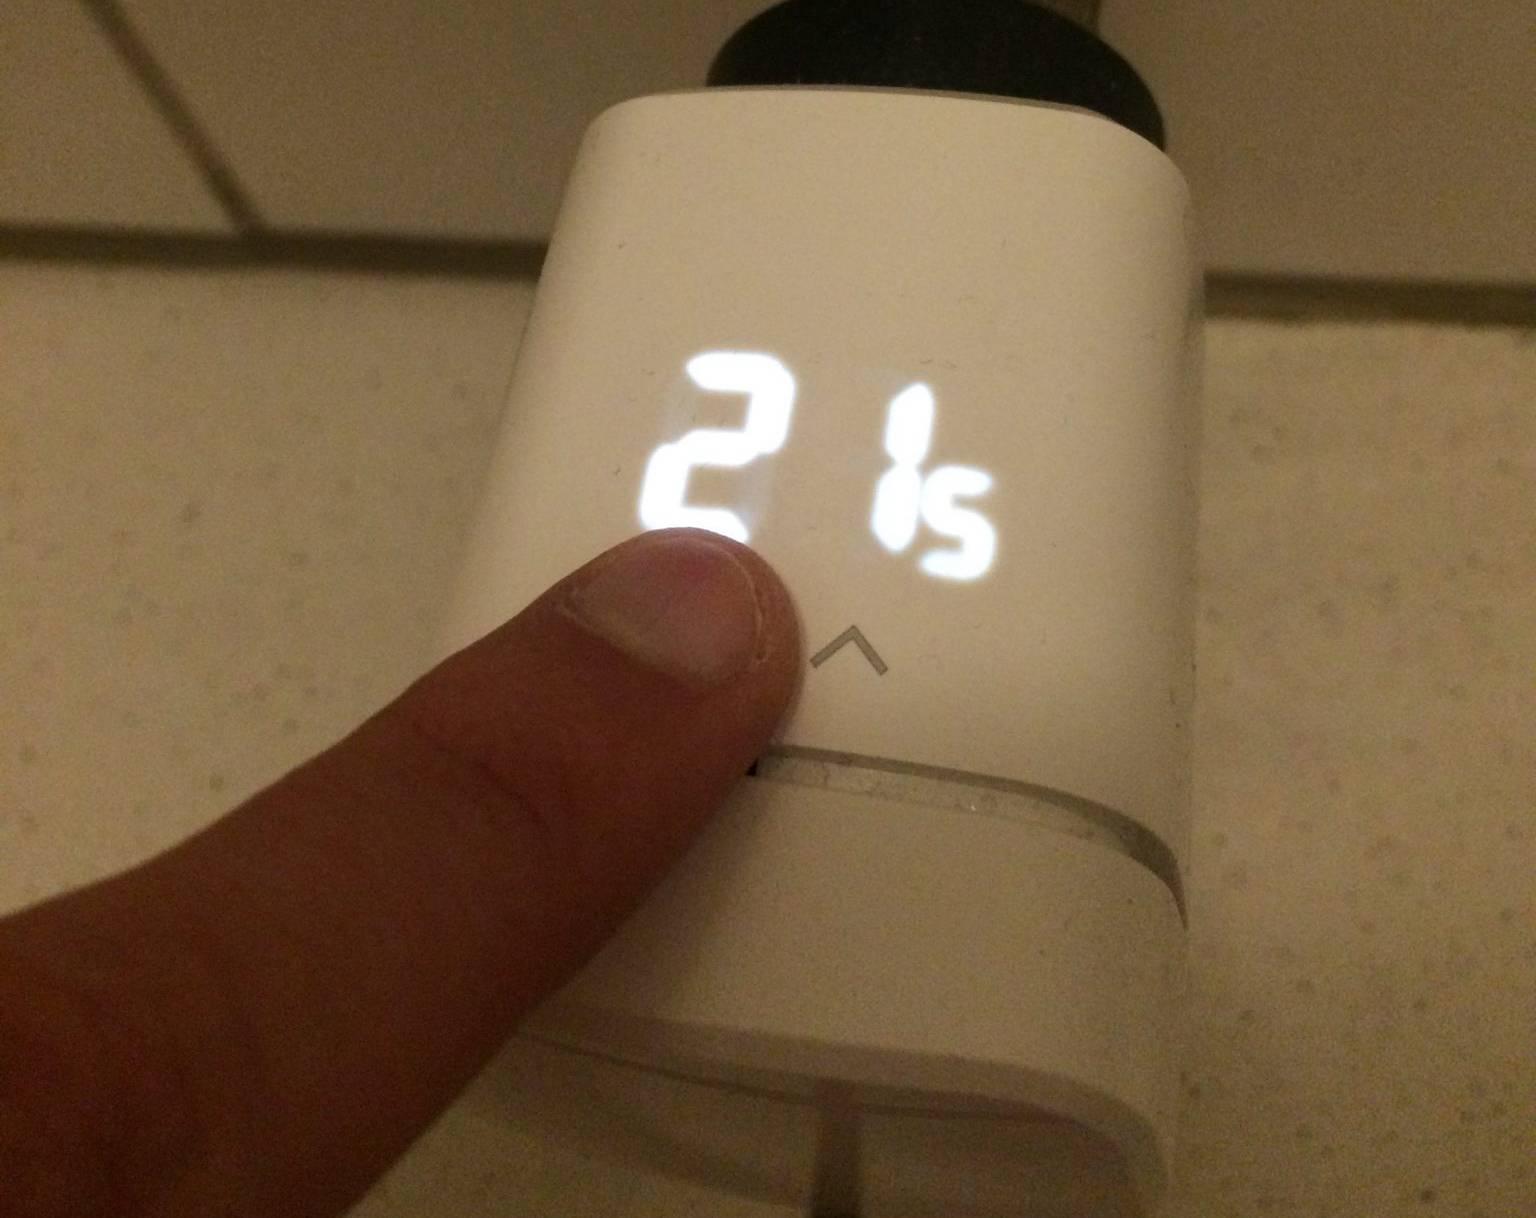 Die Eve Thermo ist ein smarter Thermostat.